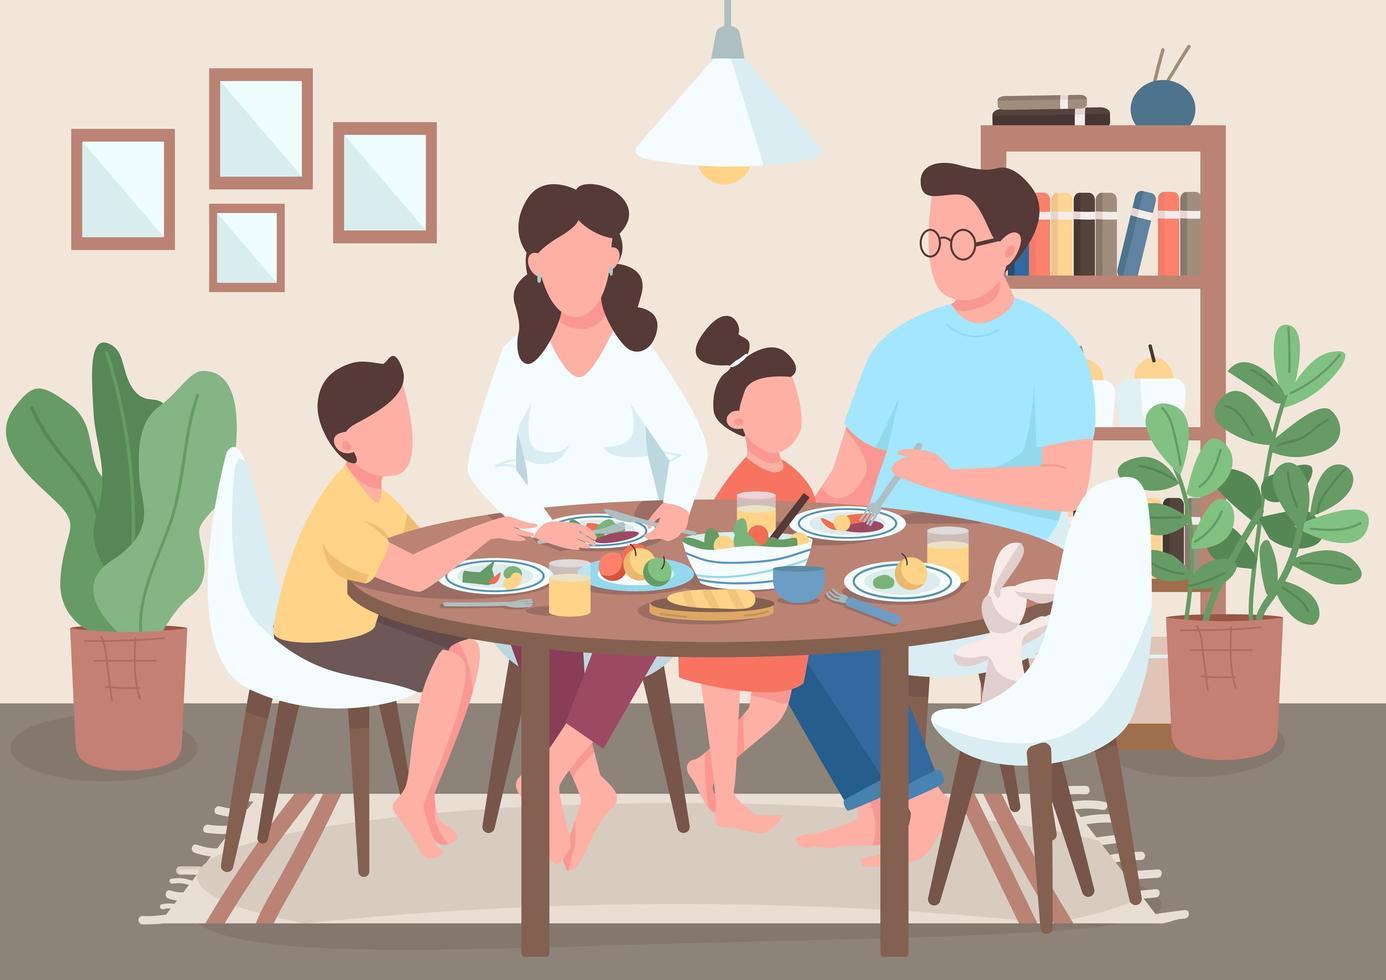 Familienessen Wohnung vektor